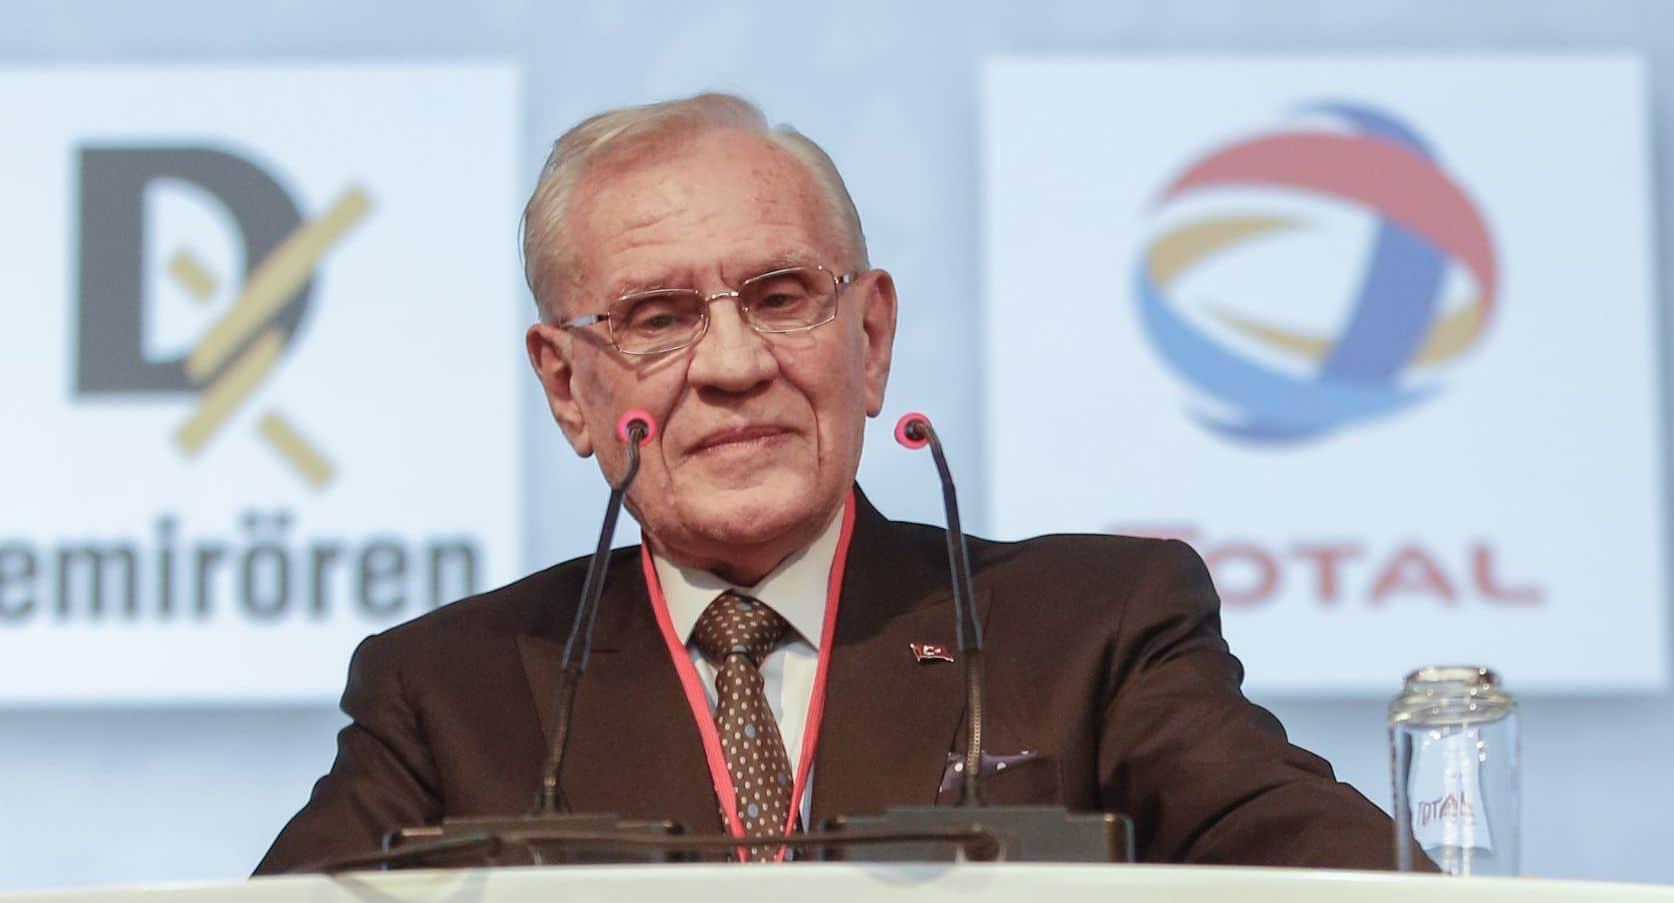 Demirören Holding Kurucusu ve Yönetim Kurulu Başkanı Erdoğan Demirören 79 yaşında tedavi gördüğü hastanede vefat etti.